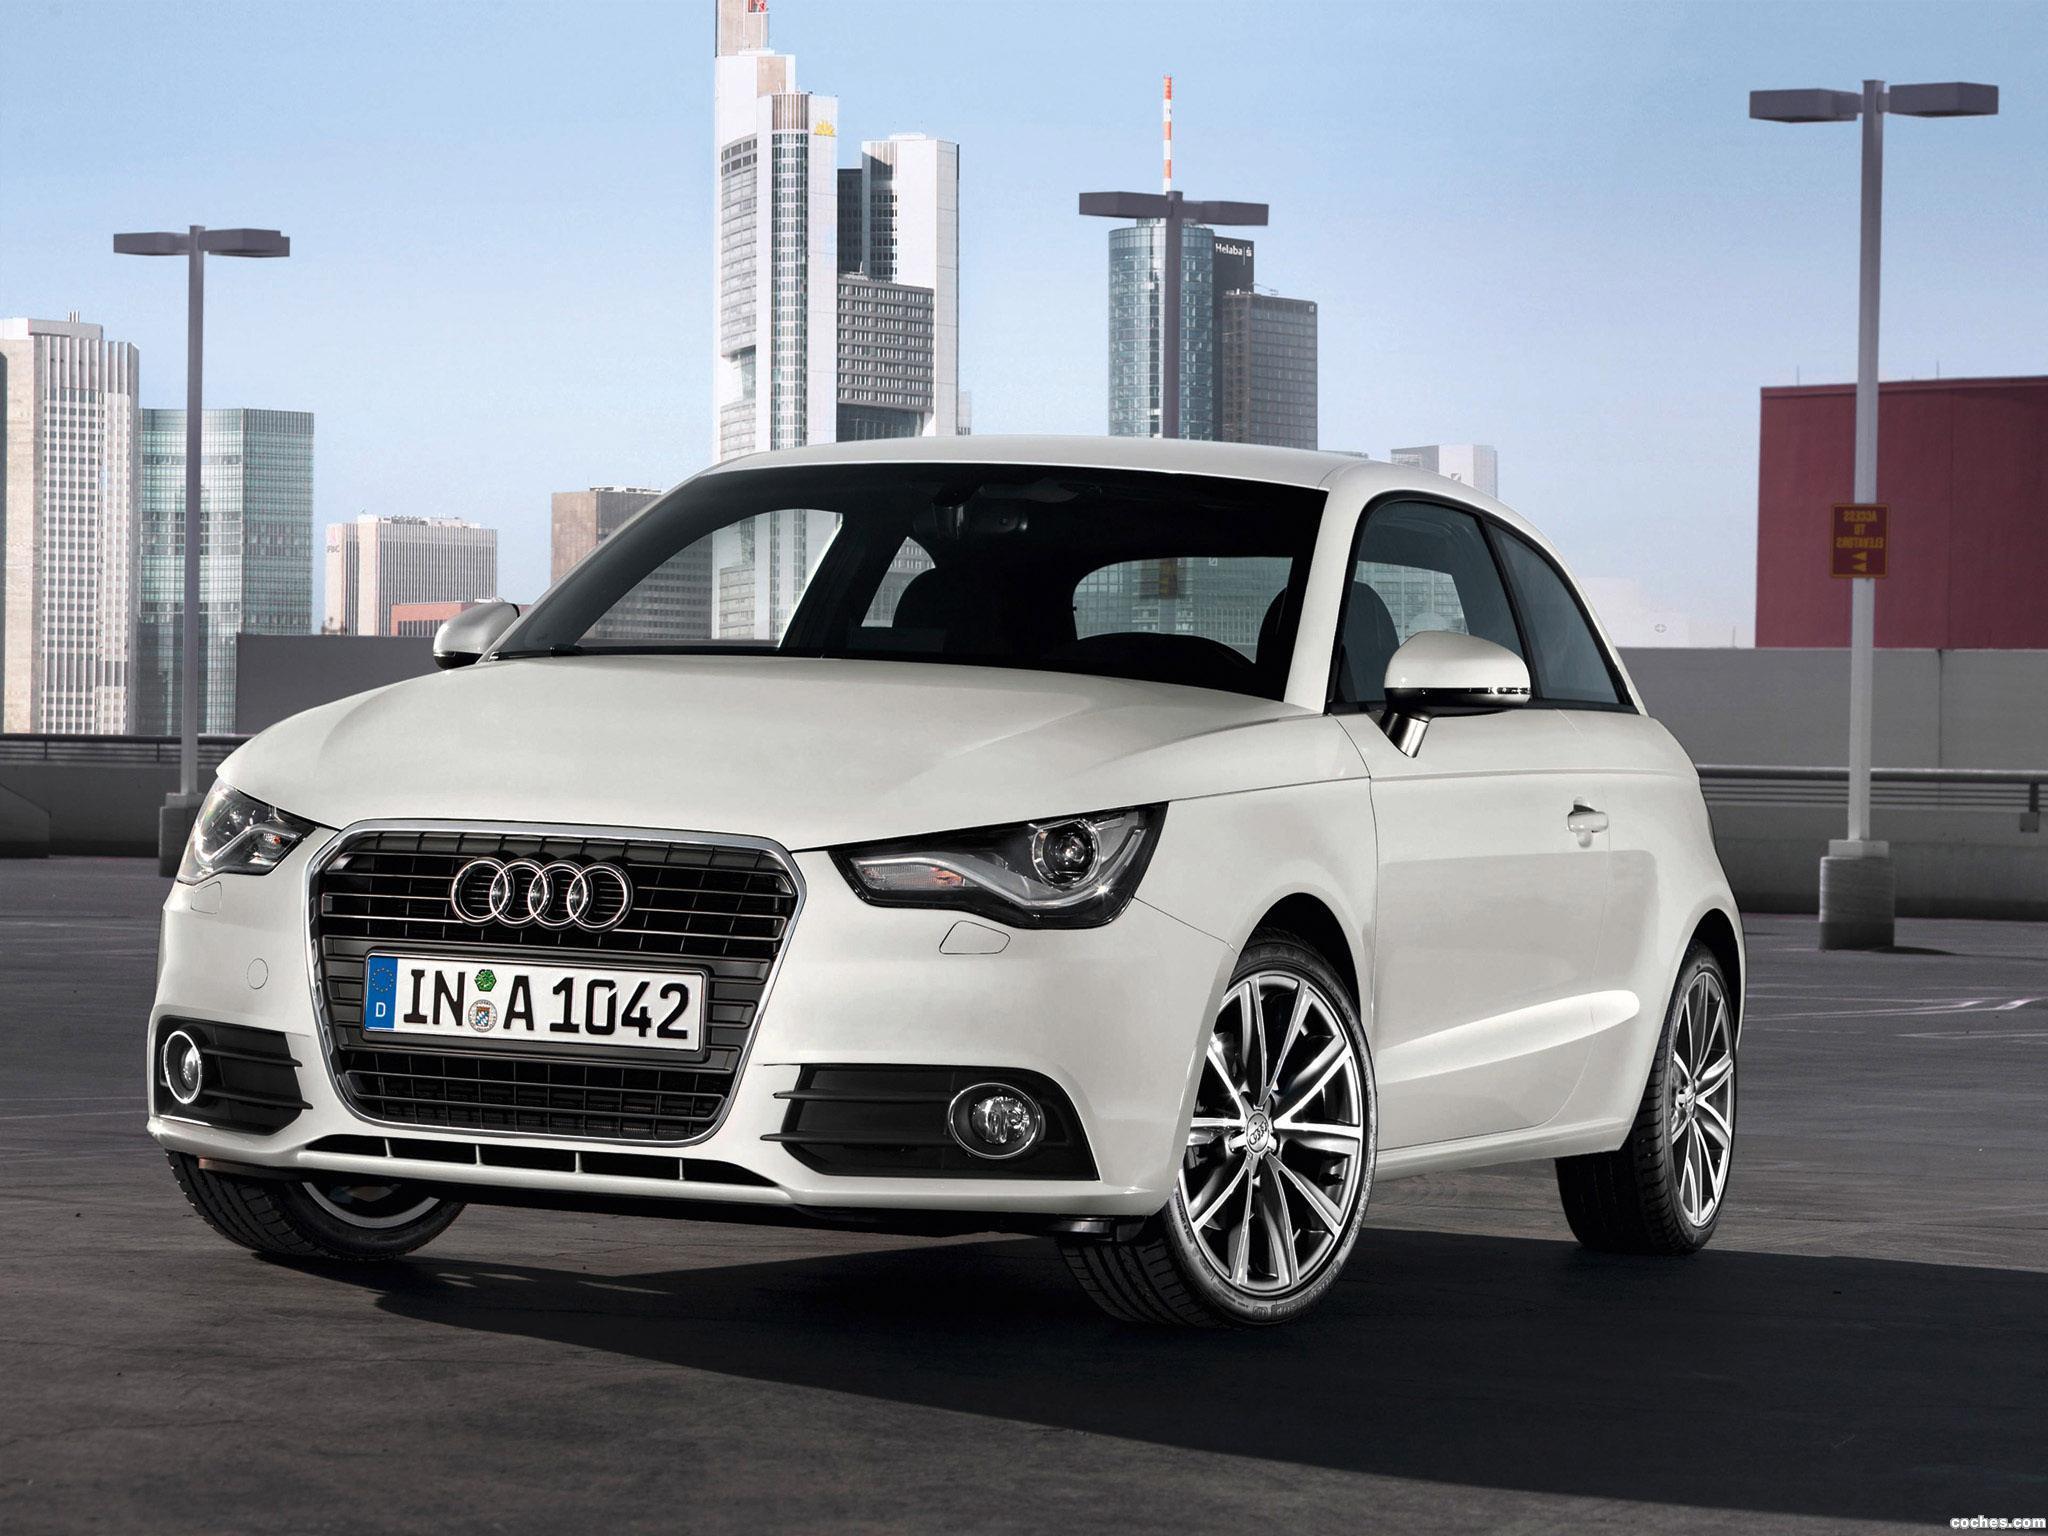 Foto 0 de Audi A1 TDI 2010